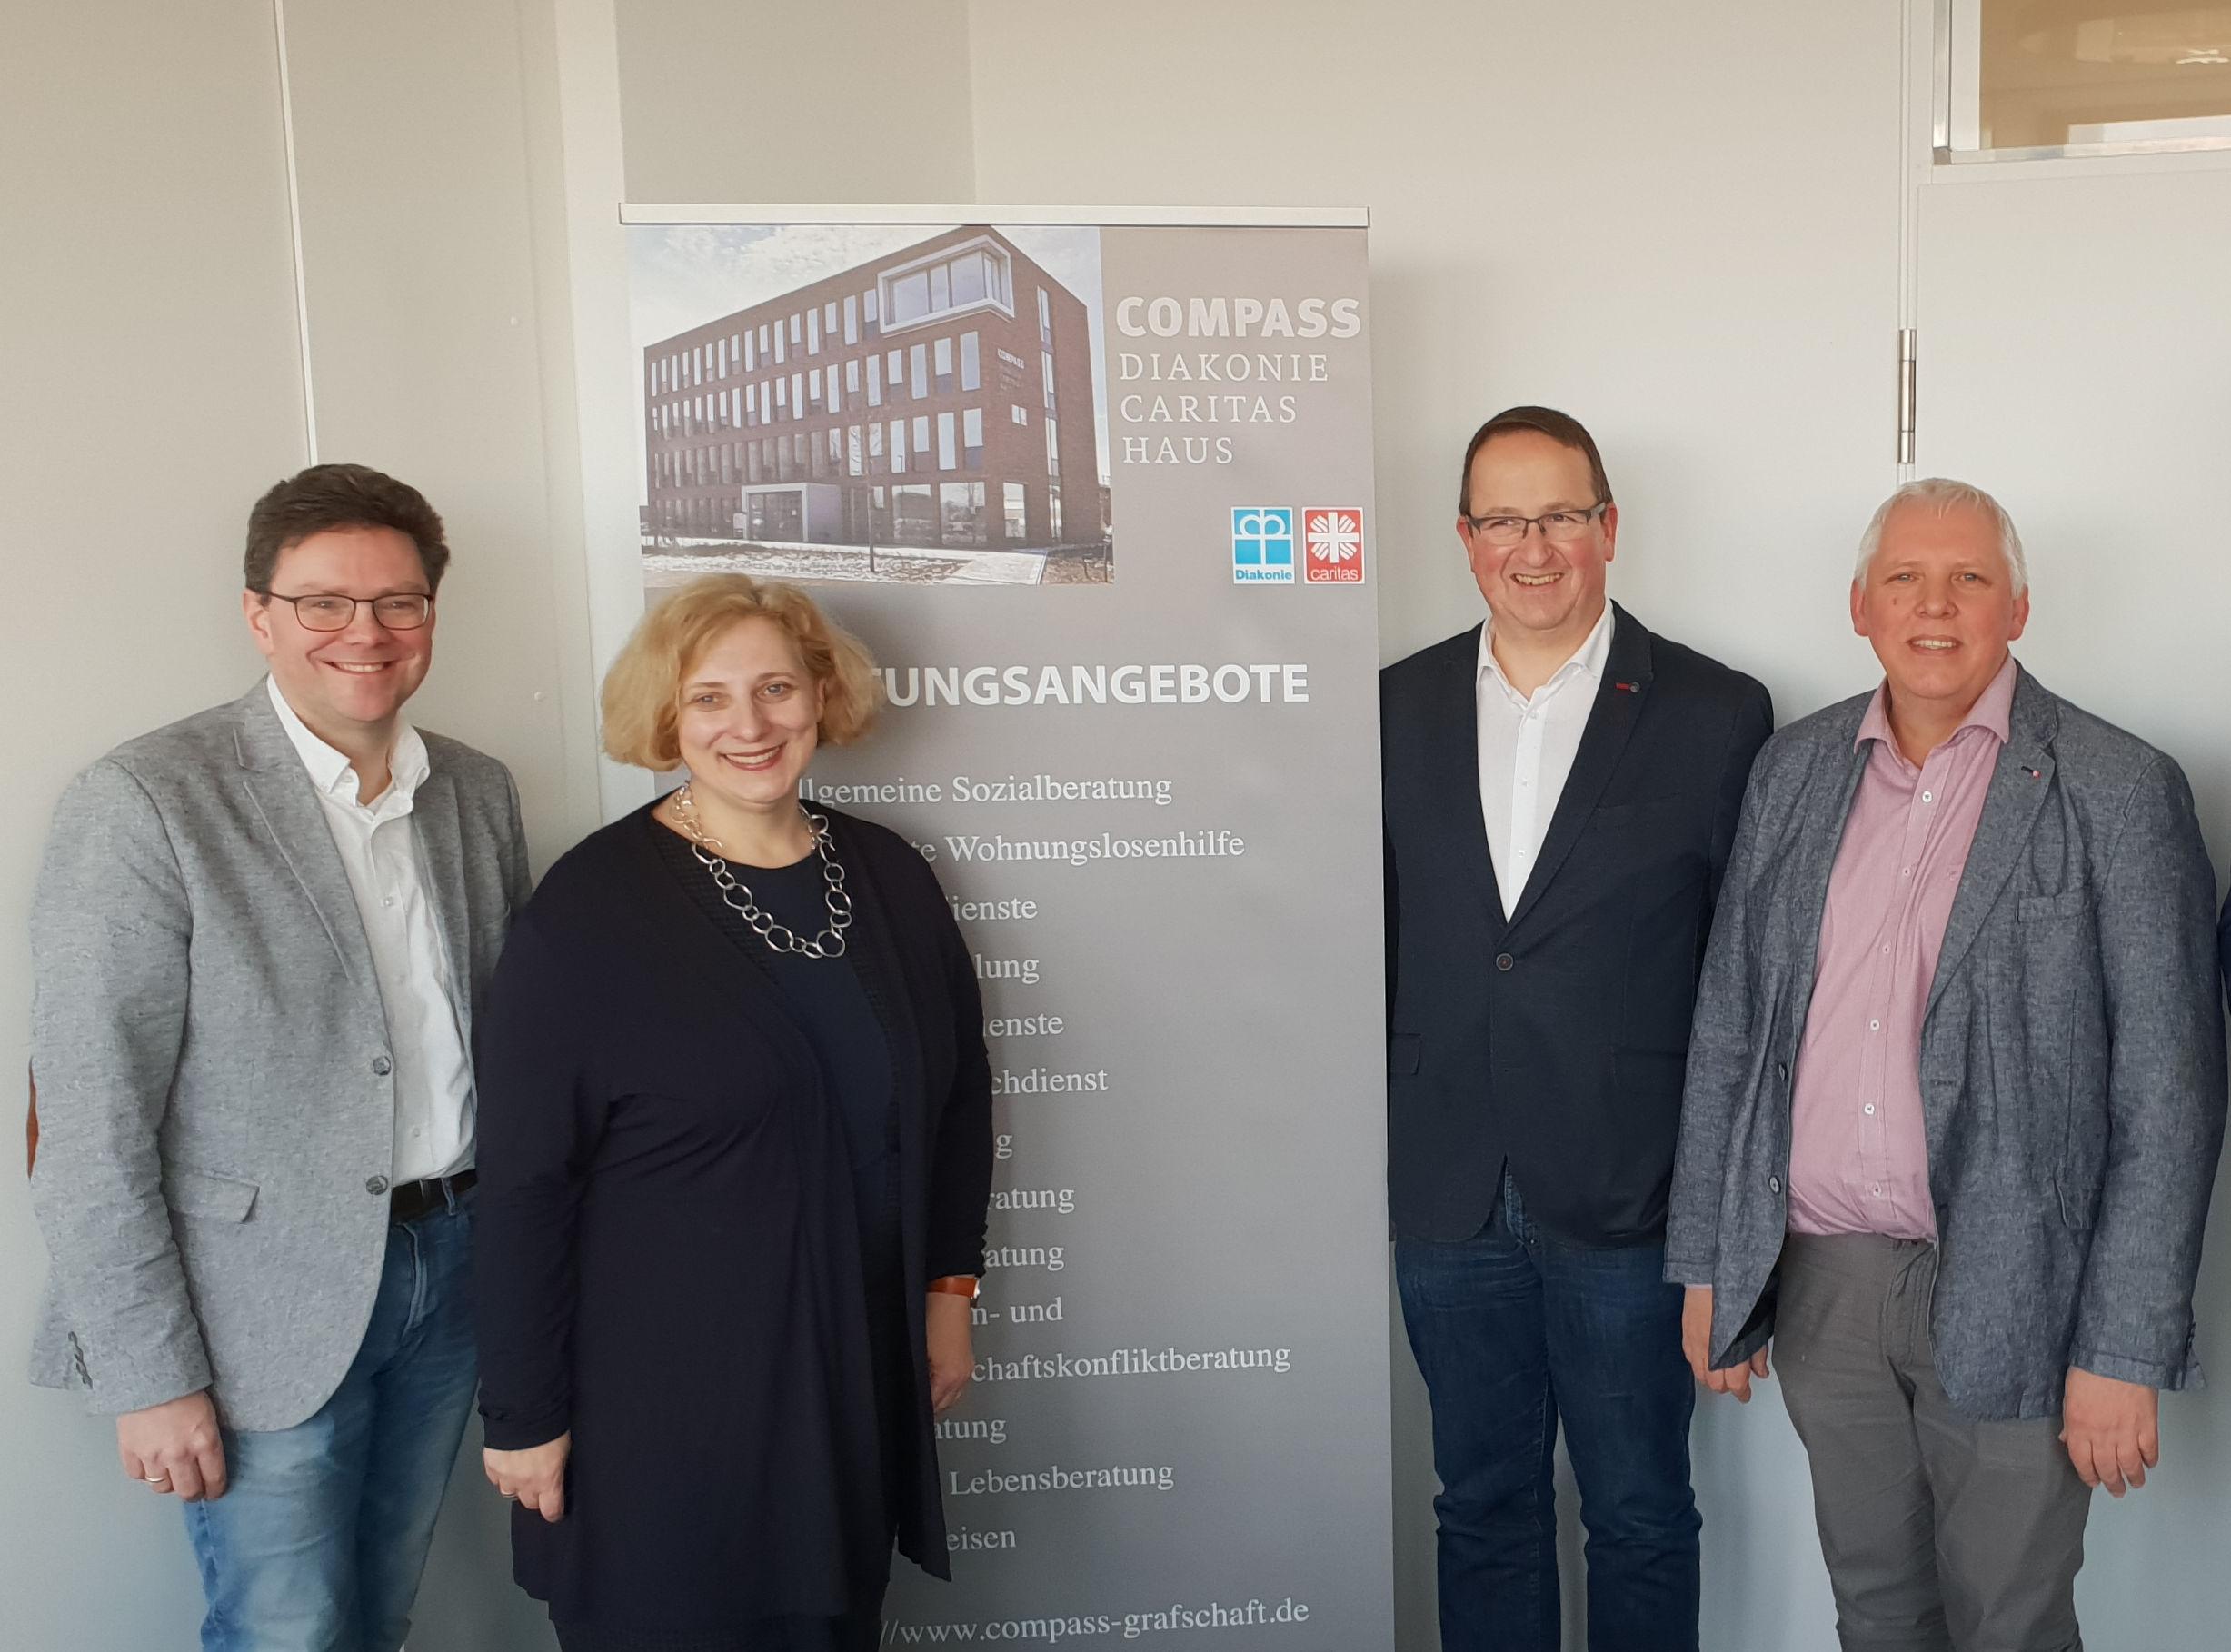 V.l.n.r.: Marcus Drees, Dr. Daniela De Ridder, Volker Hans und Hermann Josef Quaing